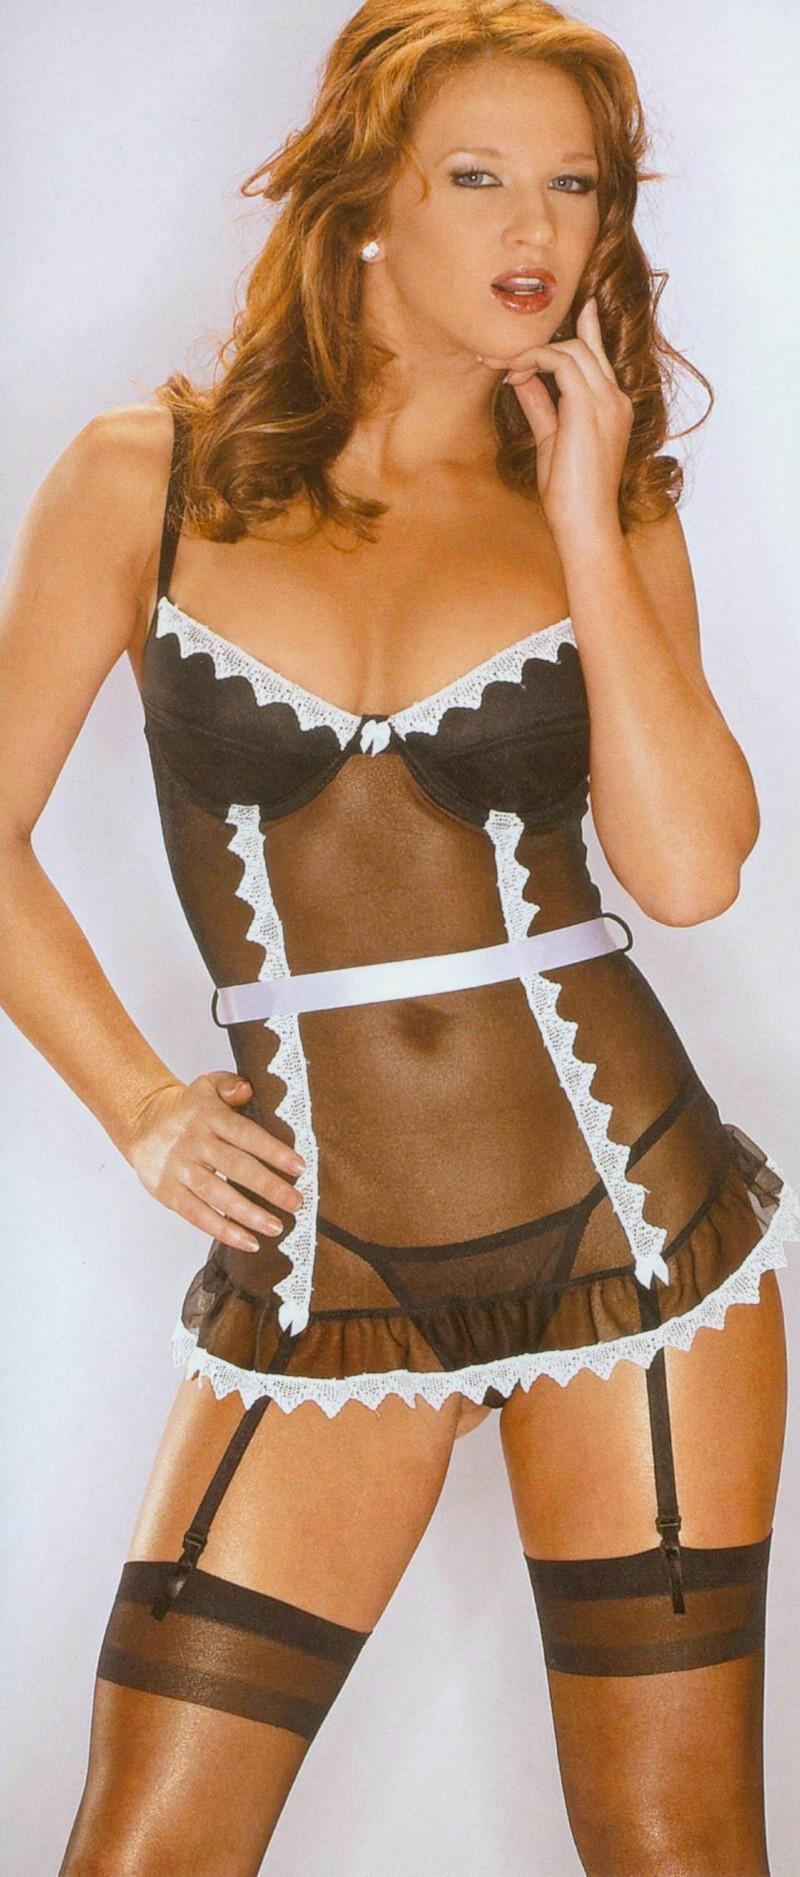 法國女僕 裝扮. 透明 蕾絲 上衣. 內建鋼絲上托式罩杯. + 超性感丁字褲